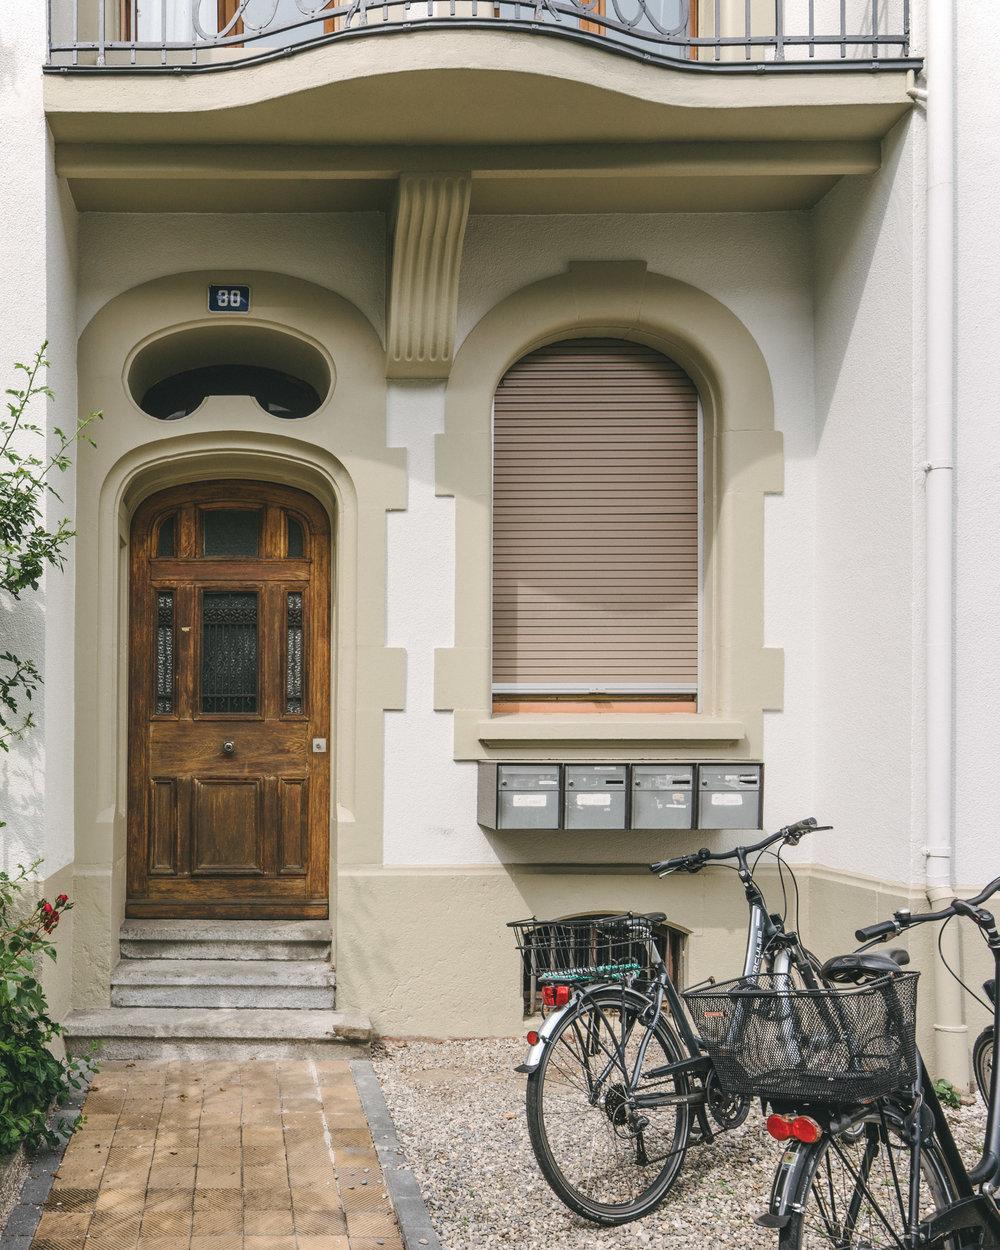 Aussensanierung MFH Basel Eingang, Consilium Architektur und Baumanagement